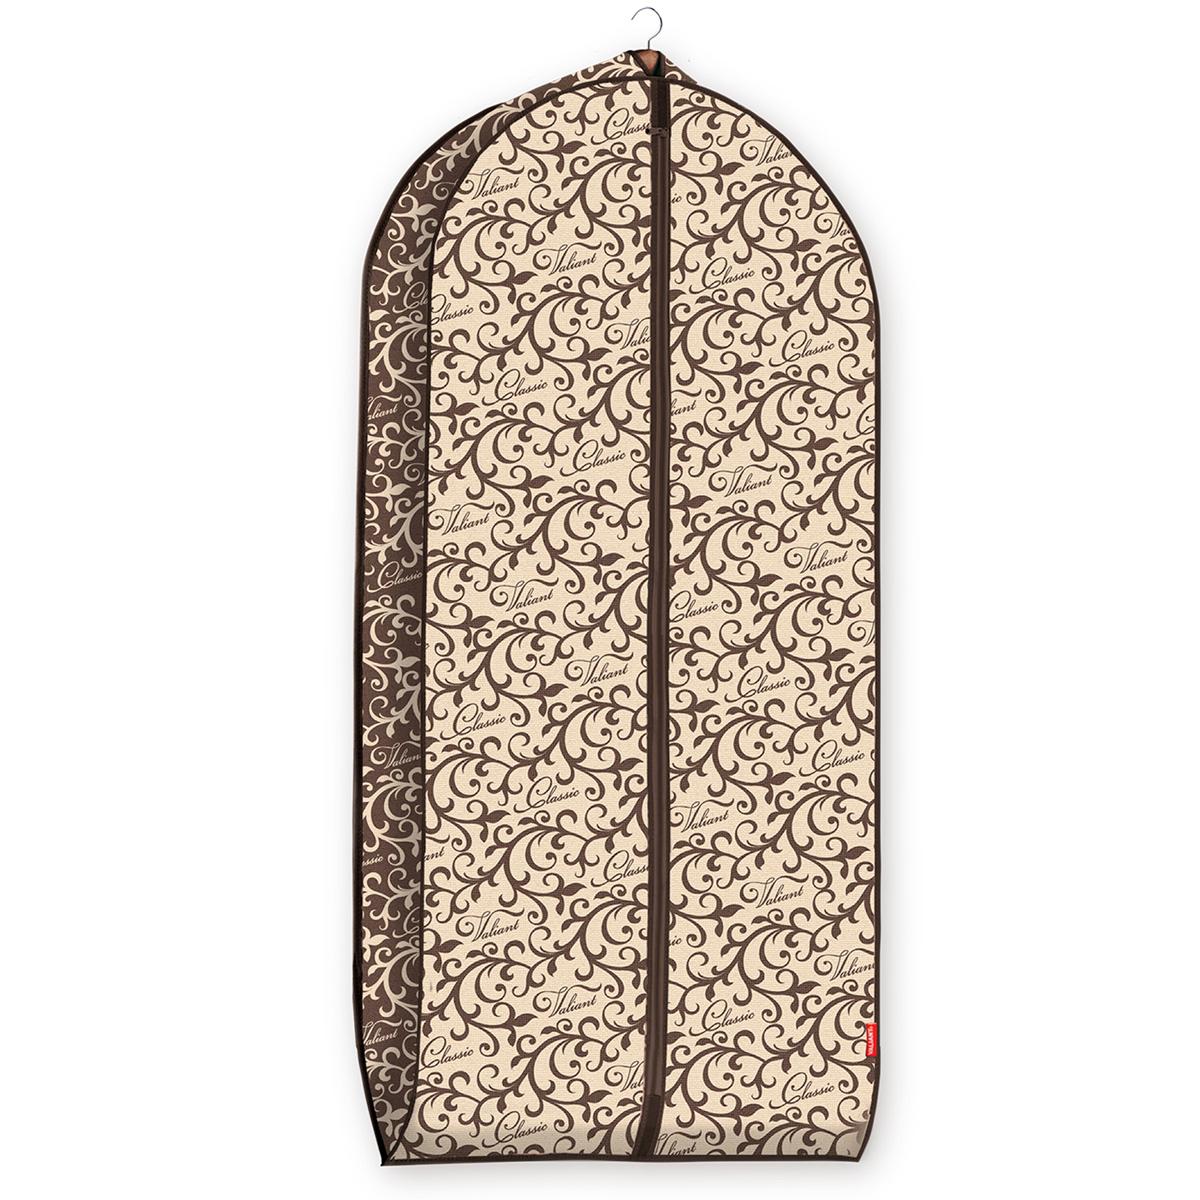 Чехол для одежды Valiant Classic, объемный, 60 см х 137 см х 10 смUP210DFЧехол для одежды Valiant Classic изготовлен из высококачественного нетканого материала, который обеспечивает естественную вентиляцию, позволяя воздуху проникать внутрь, но не пропускает пыль. Чехол очень удобен в использовании. Наличие боковой вставки увеличивает объем чехла, что позволяет хранить крупные объемные вещи. Чехол легко открывается и закрывается застежкой-молнией. Идеально подойдет для хранения одежды и удобной перевозки. Оригинальный дизайн Classic придется по вкусу ценительницам прекрасного. Система хранения станет стильным акцентом в современном гардеробе.